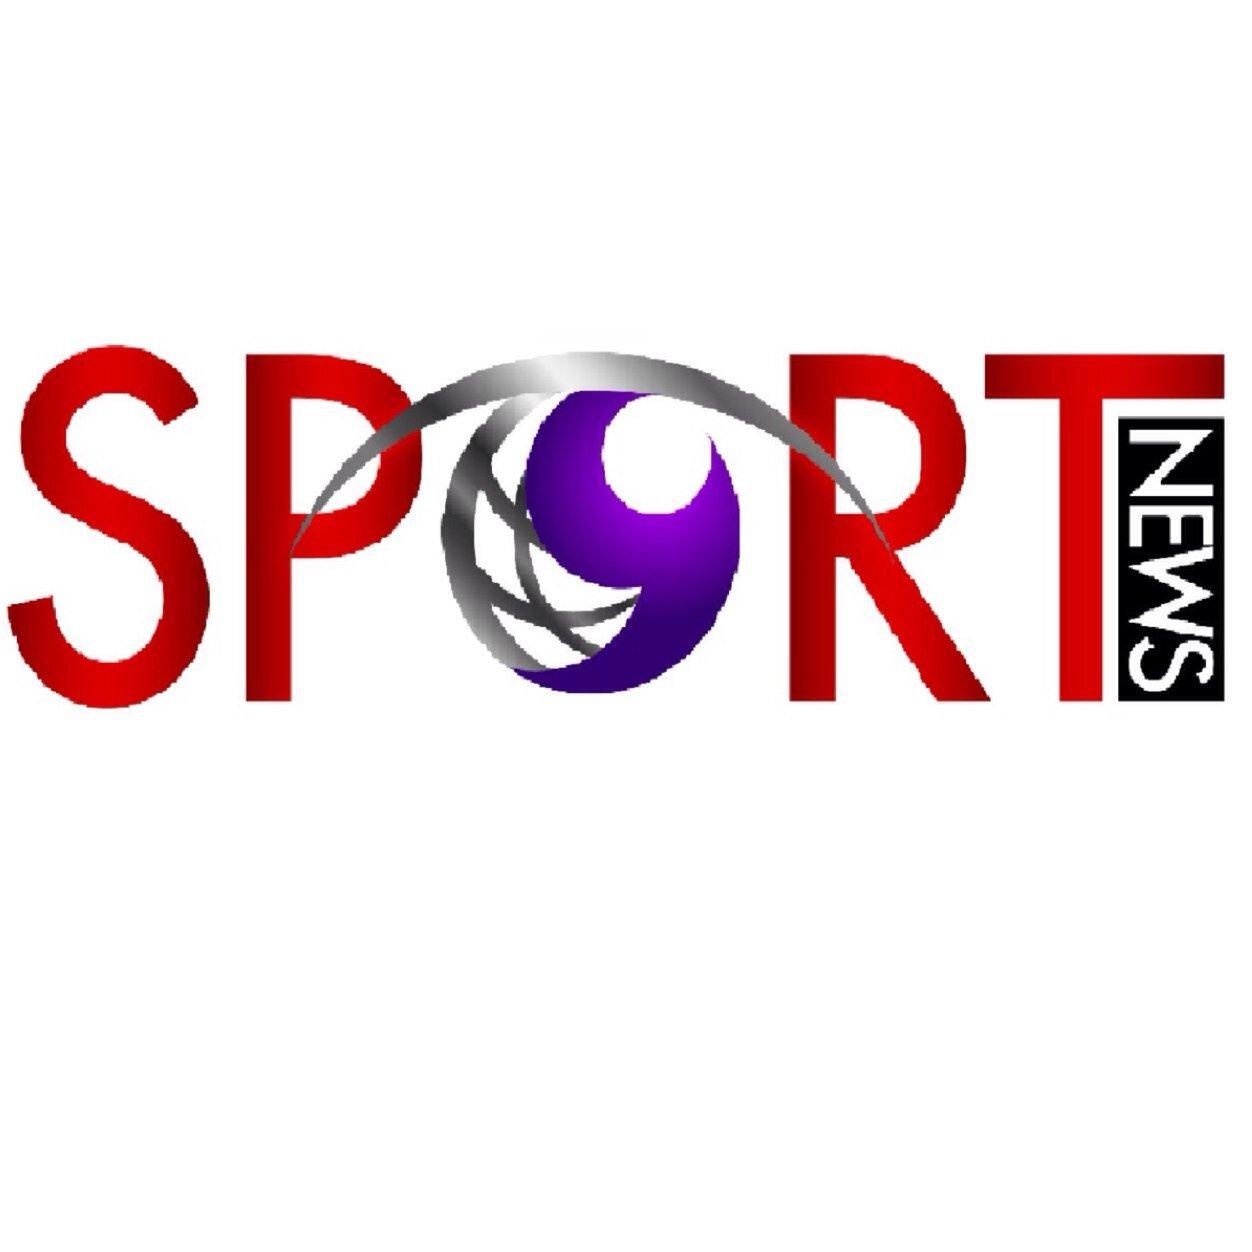 ข่าวกีฬาสำนักข่าวไทย